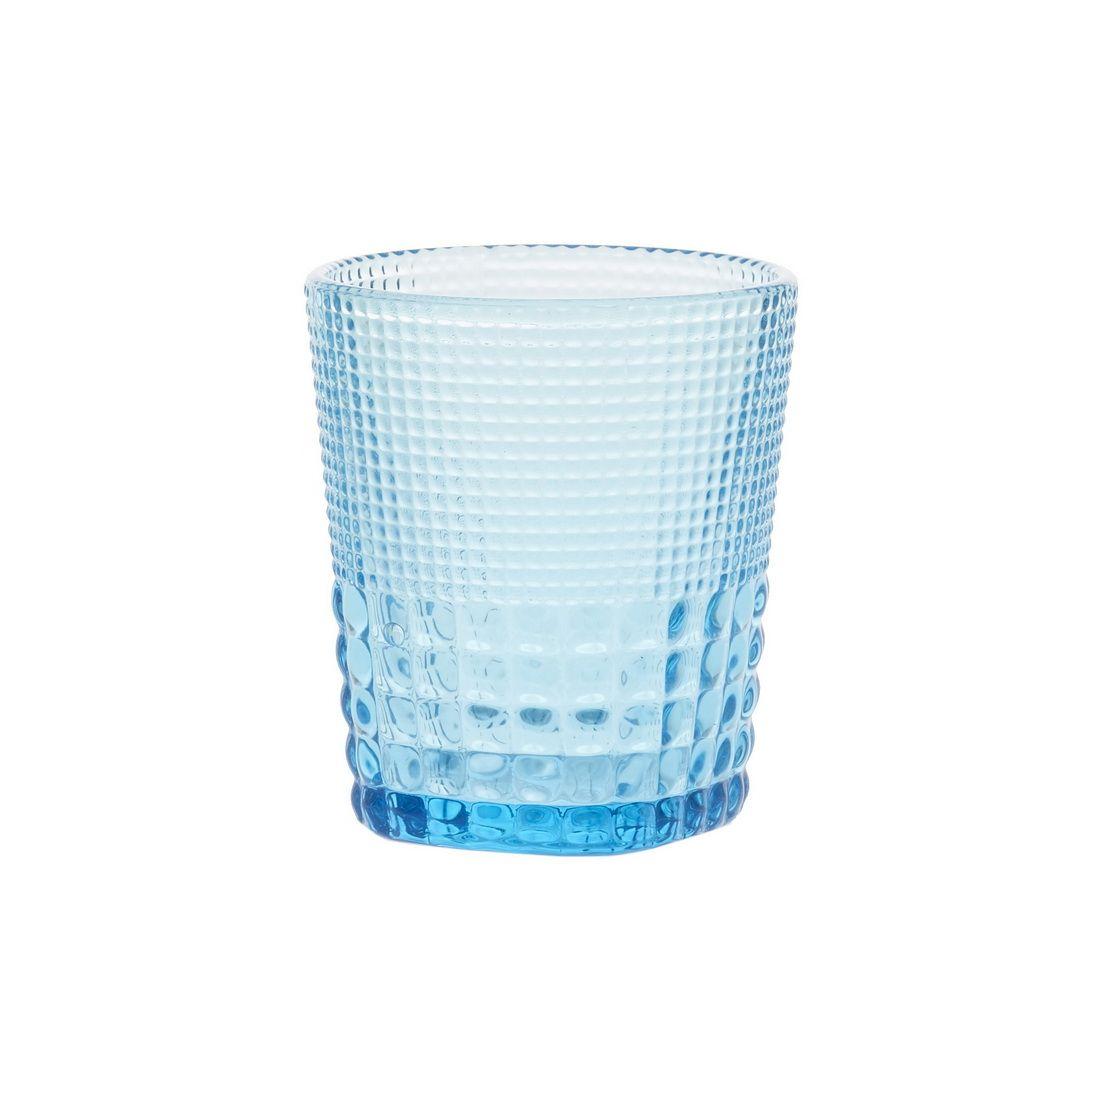 Стакан для напитков Royal drops, голубойСтакан для напитков Ройял дропс будет органичным дополнением любого стола. Это привлекательная модель из голубого стекла, которая замечательно украсит новогоднее застолье, праздник в честь юбилея или свадебный стол. Стакан разработан дизайнерами известного бренда Магиа Густо. Он обладает эргономичной формой с легким расширением кверху. Поверхность изделия рельефная, что обеспечивает удобство его использования. Стакан для напитков Ройял дропс универсален. Из него будет приятно пить любые напитки – квас, минеральную воду, сок.<br>